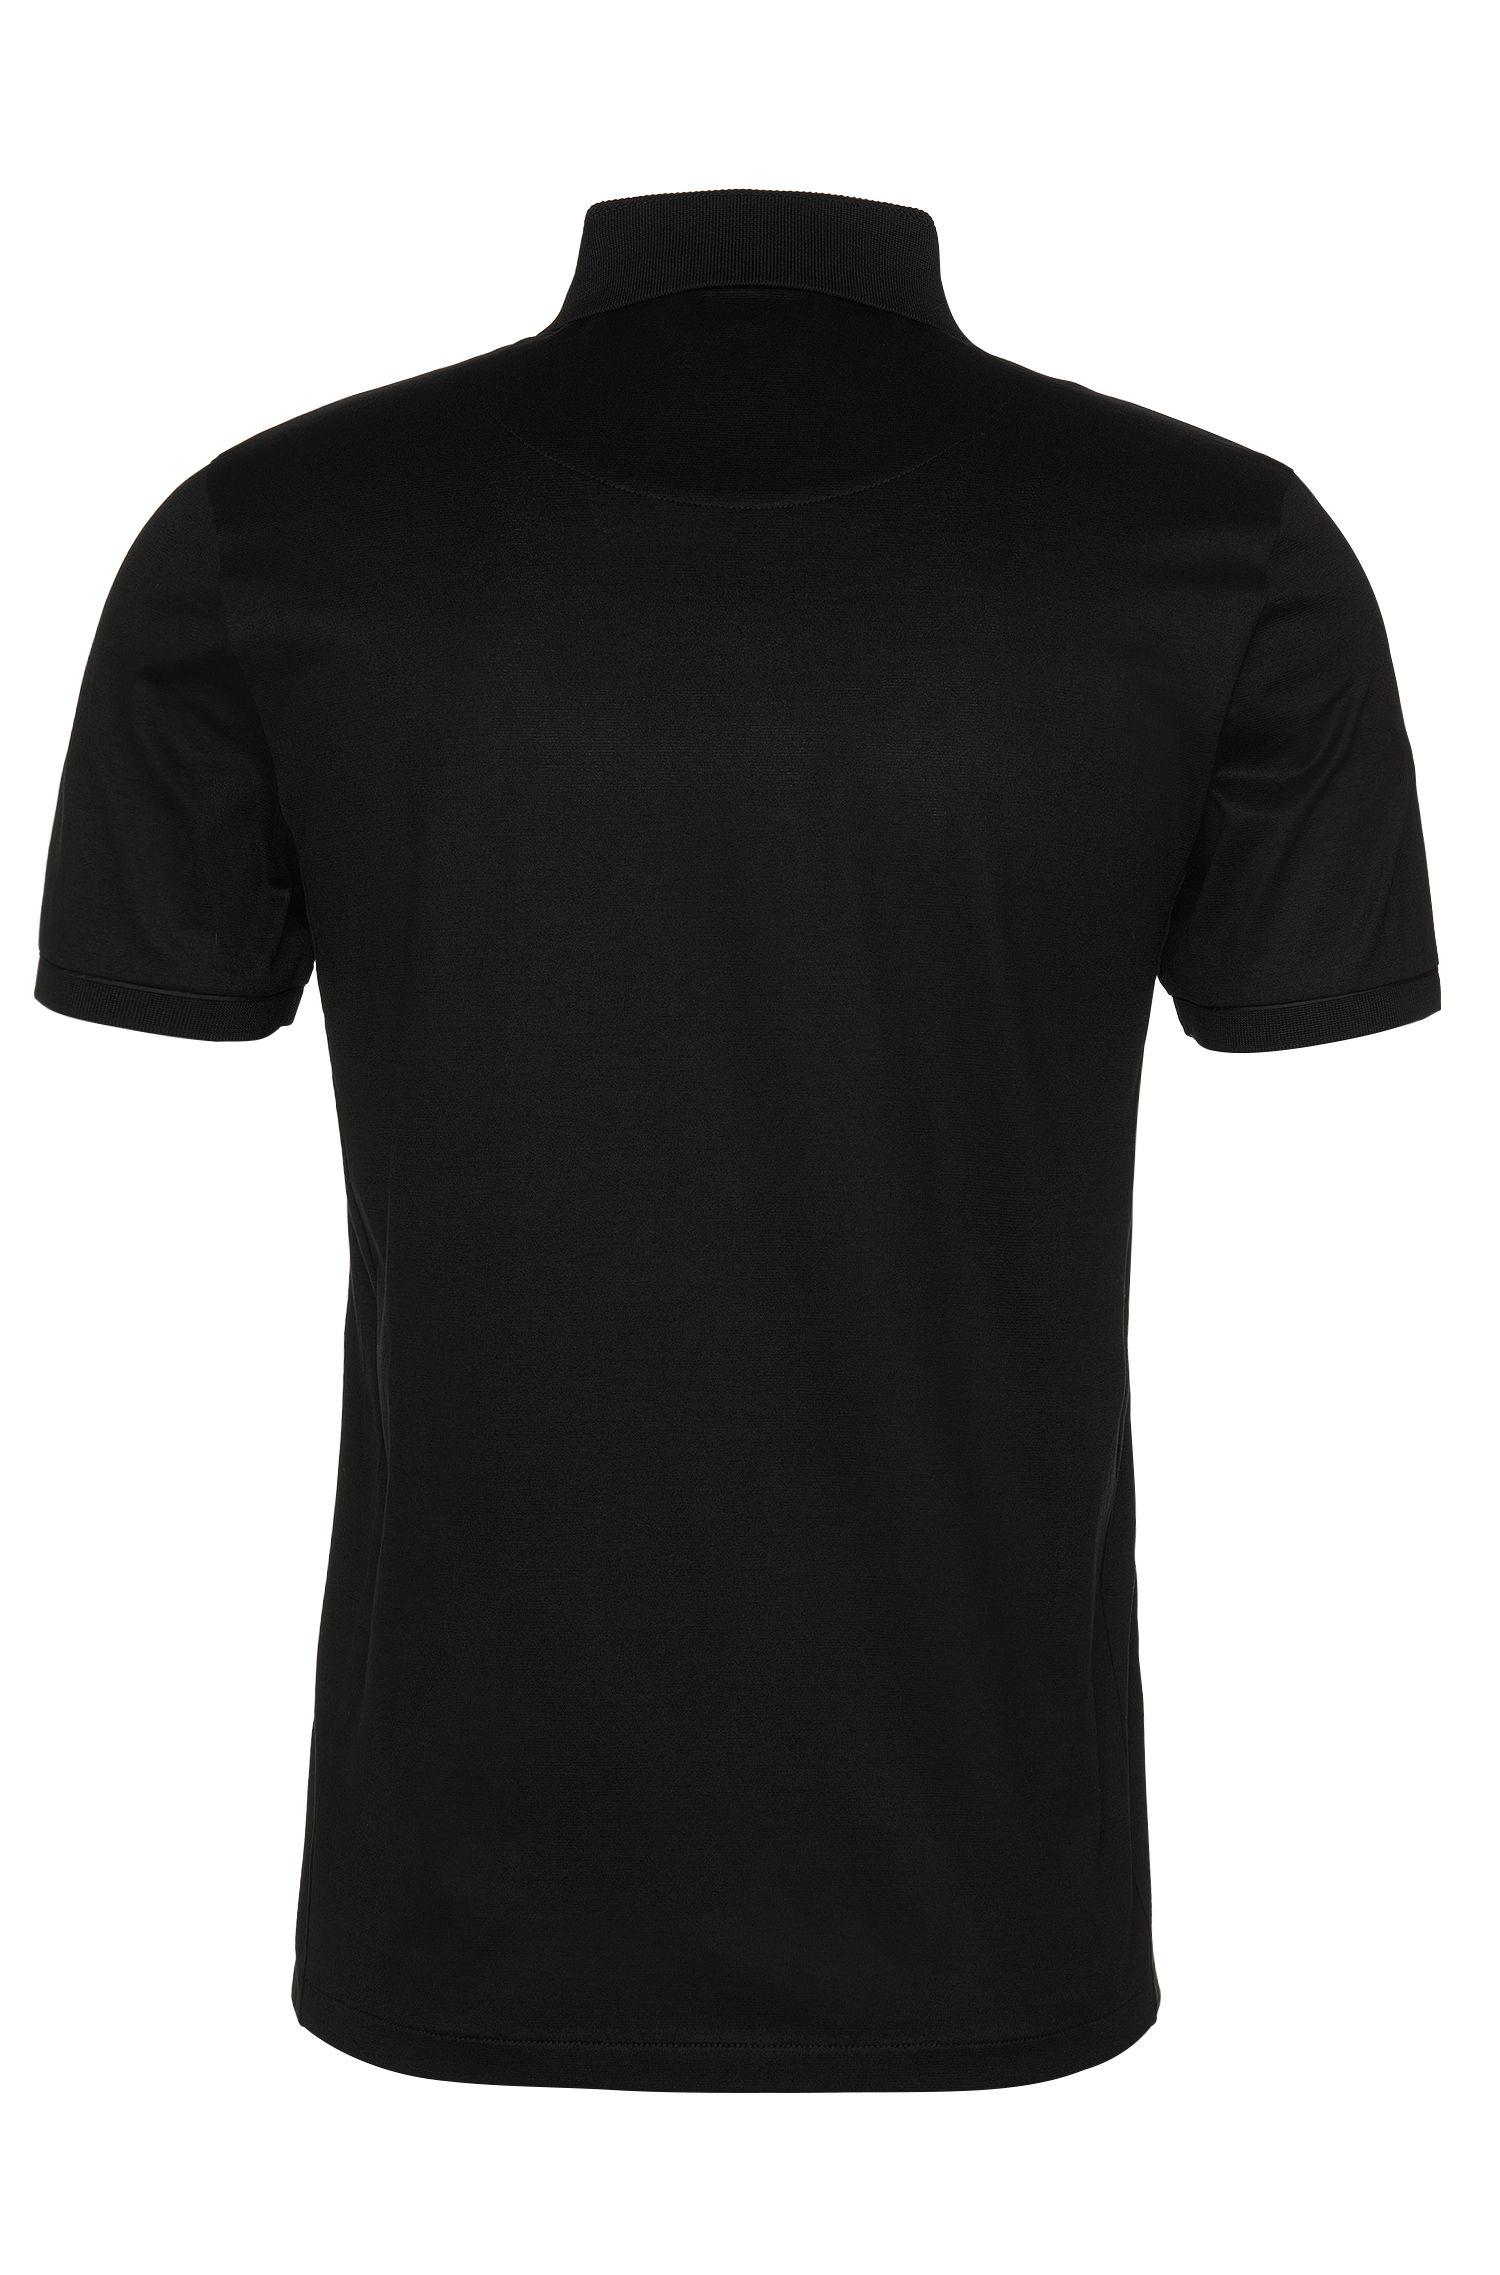 Unifarbenes Slim-Fit Poloshirt aus Stretch-Baumwolle: 'Penrose 07' aus der Mercedes Benz Kollektion